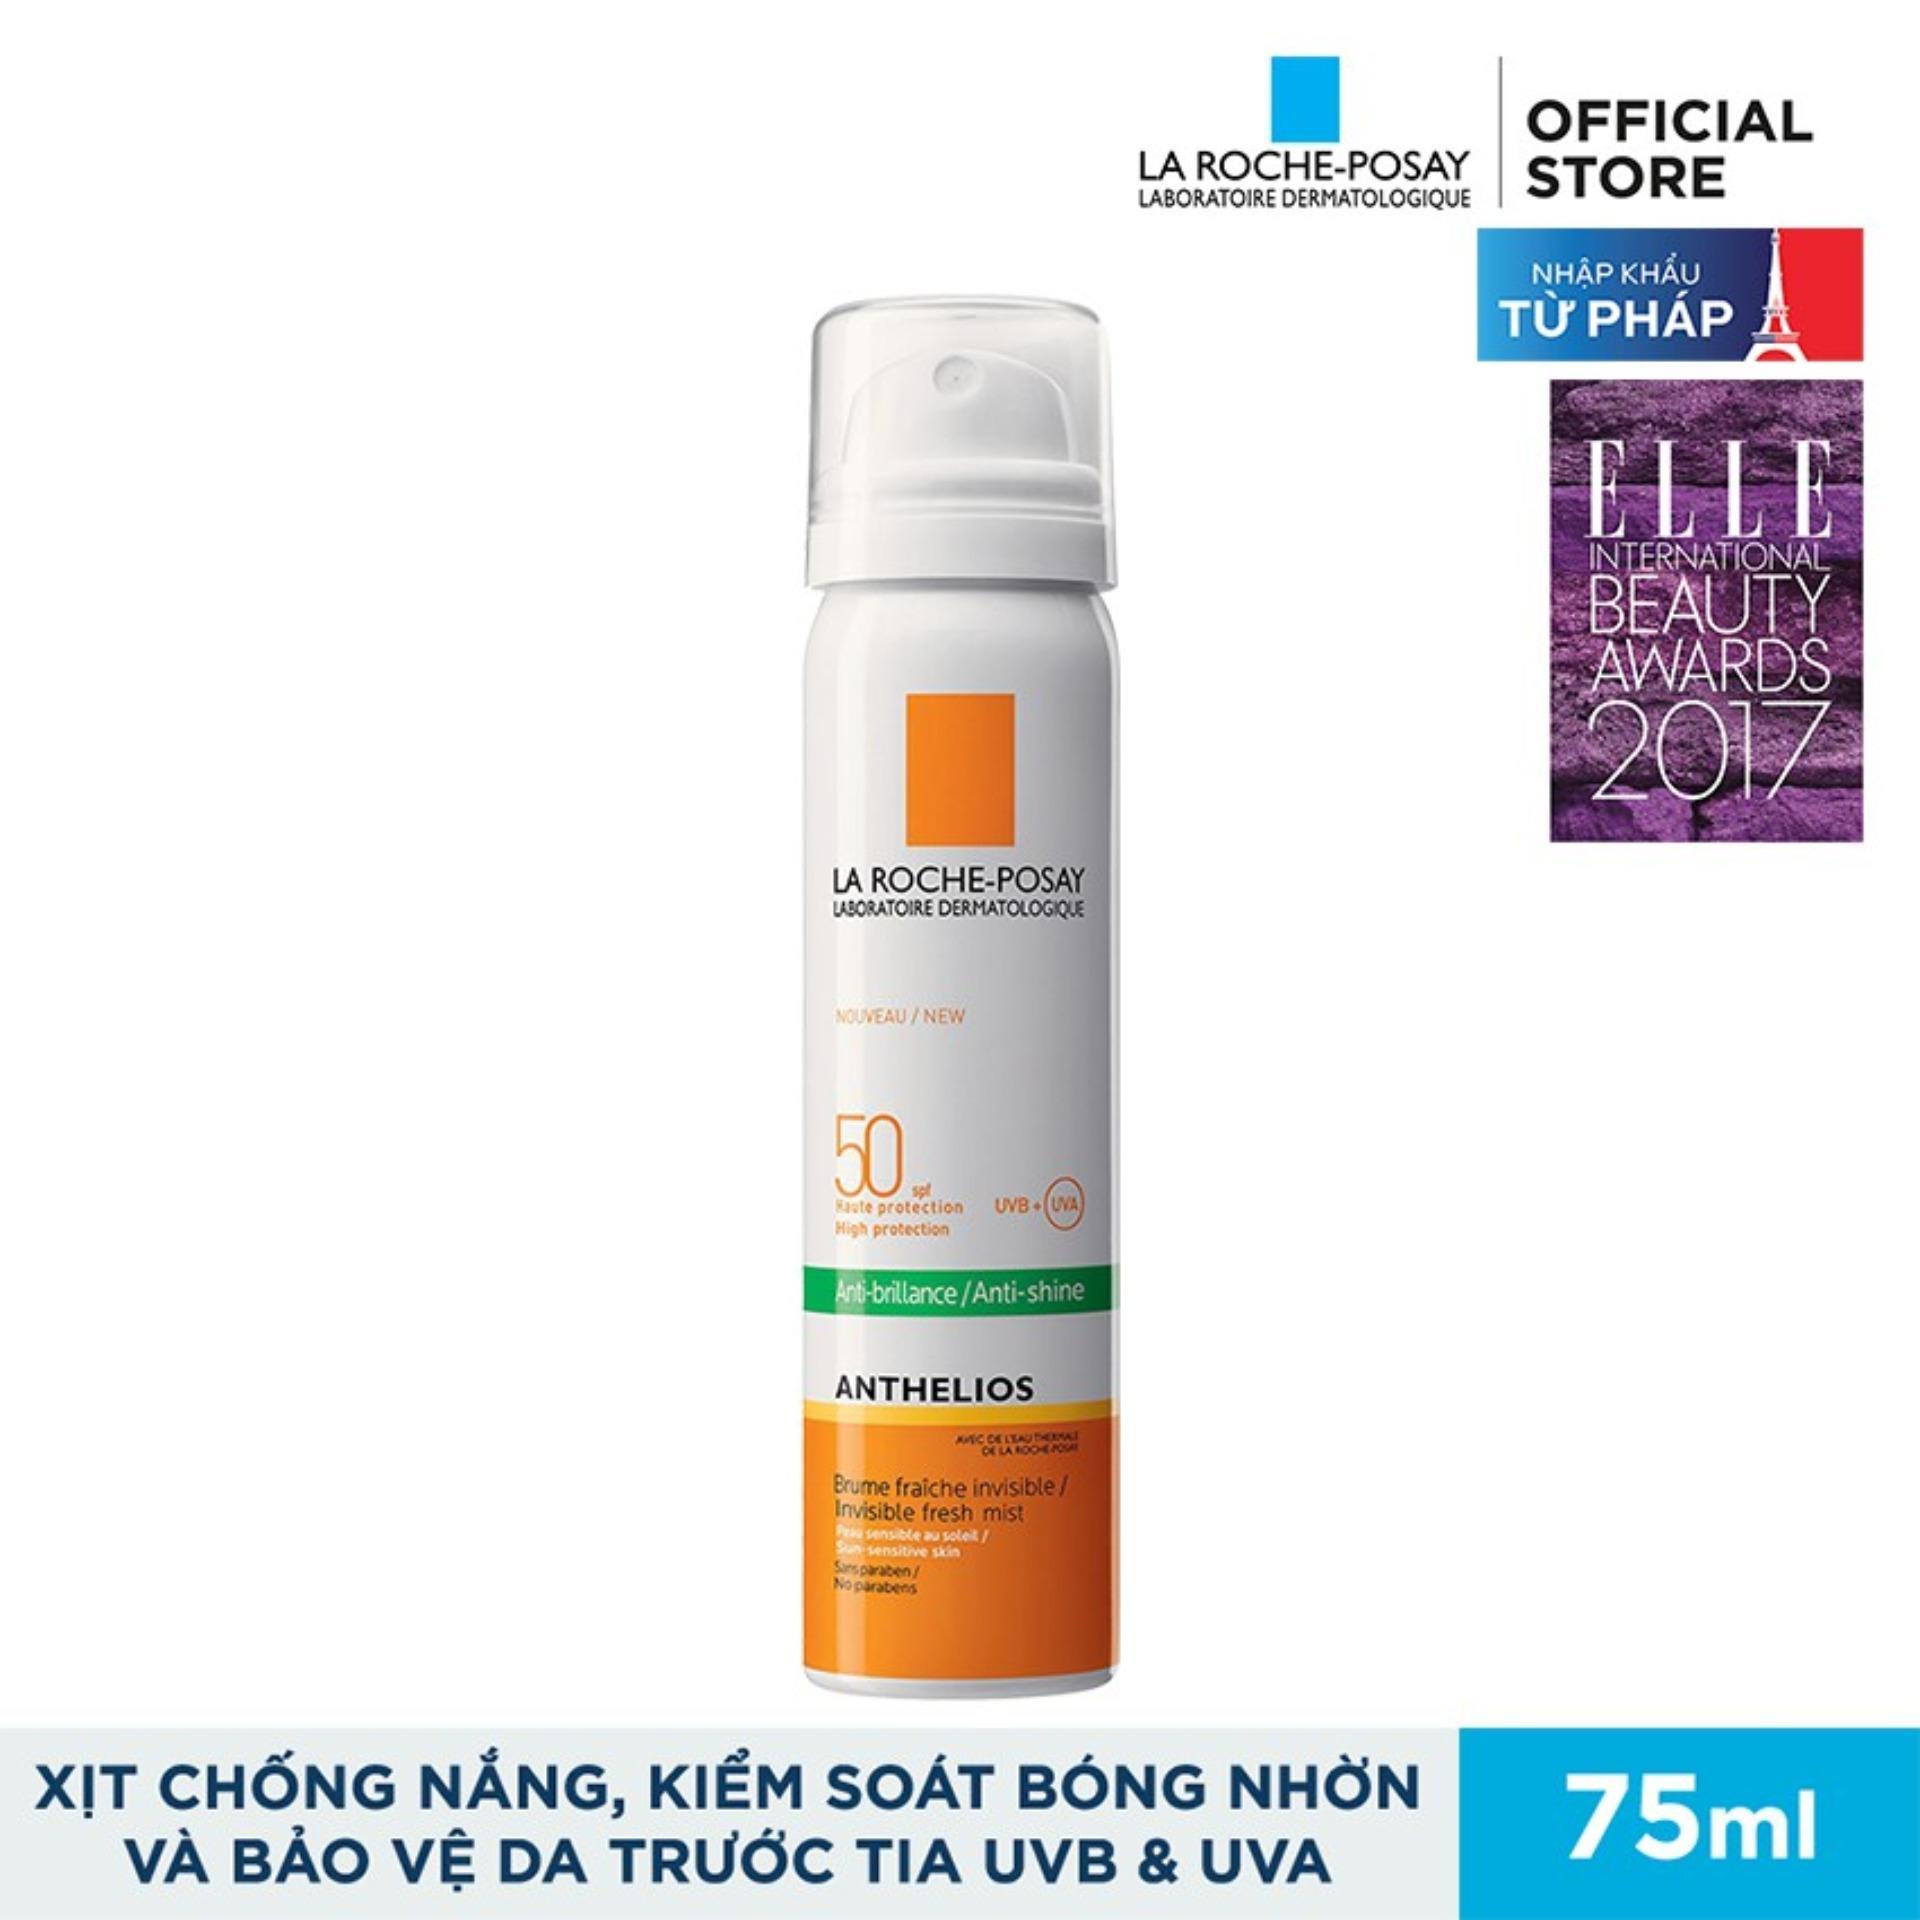 Xịt Chống Nắng, Giúp Kiểm Soát Bóng Nhờn Và Bảo Vệ Da La Roche-Posay Anthelios Anti-Shine Invisible Fresh Mist Spf50 Uvb + Uva Sun-Sensitive Skin 75ml chính hãng